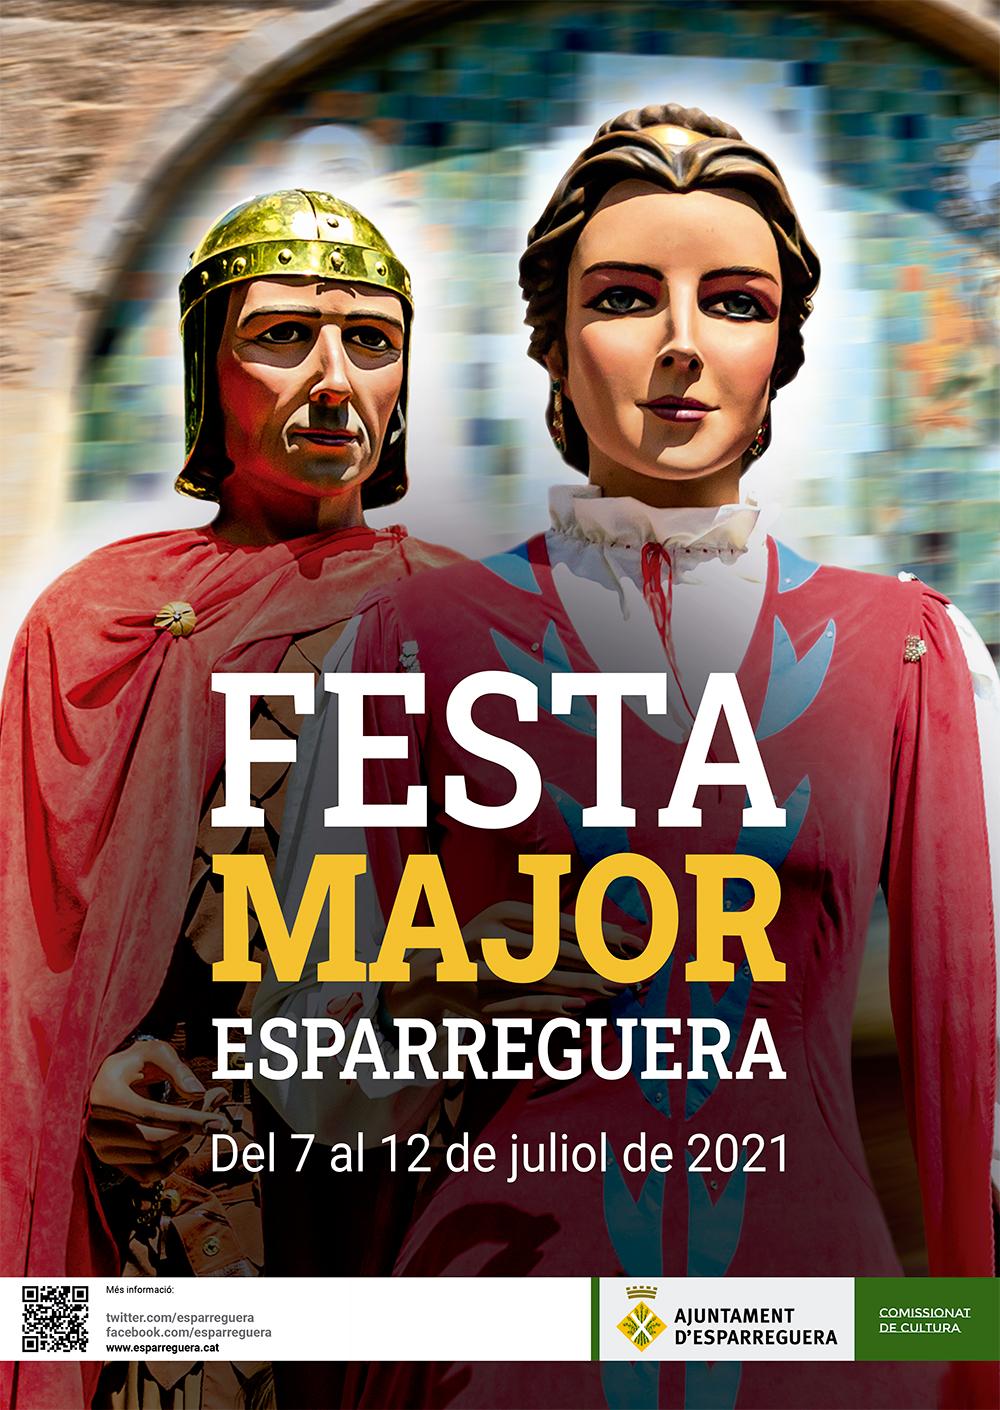 Que fer a Barcelona - Festa Major d'esparraguera - festa major